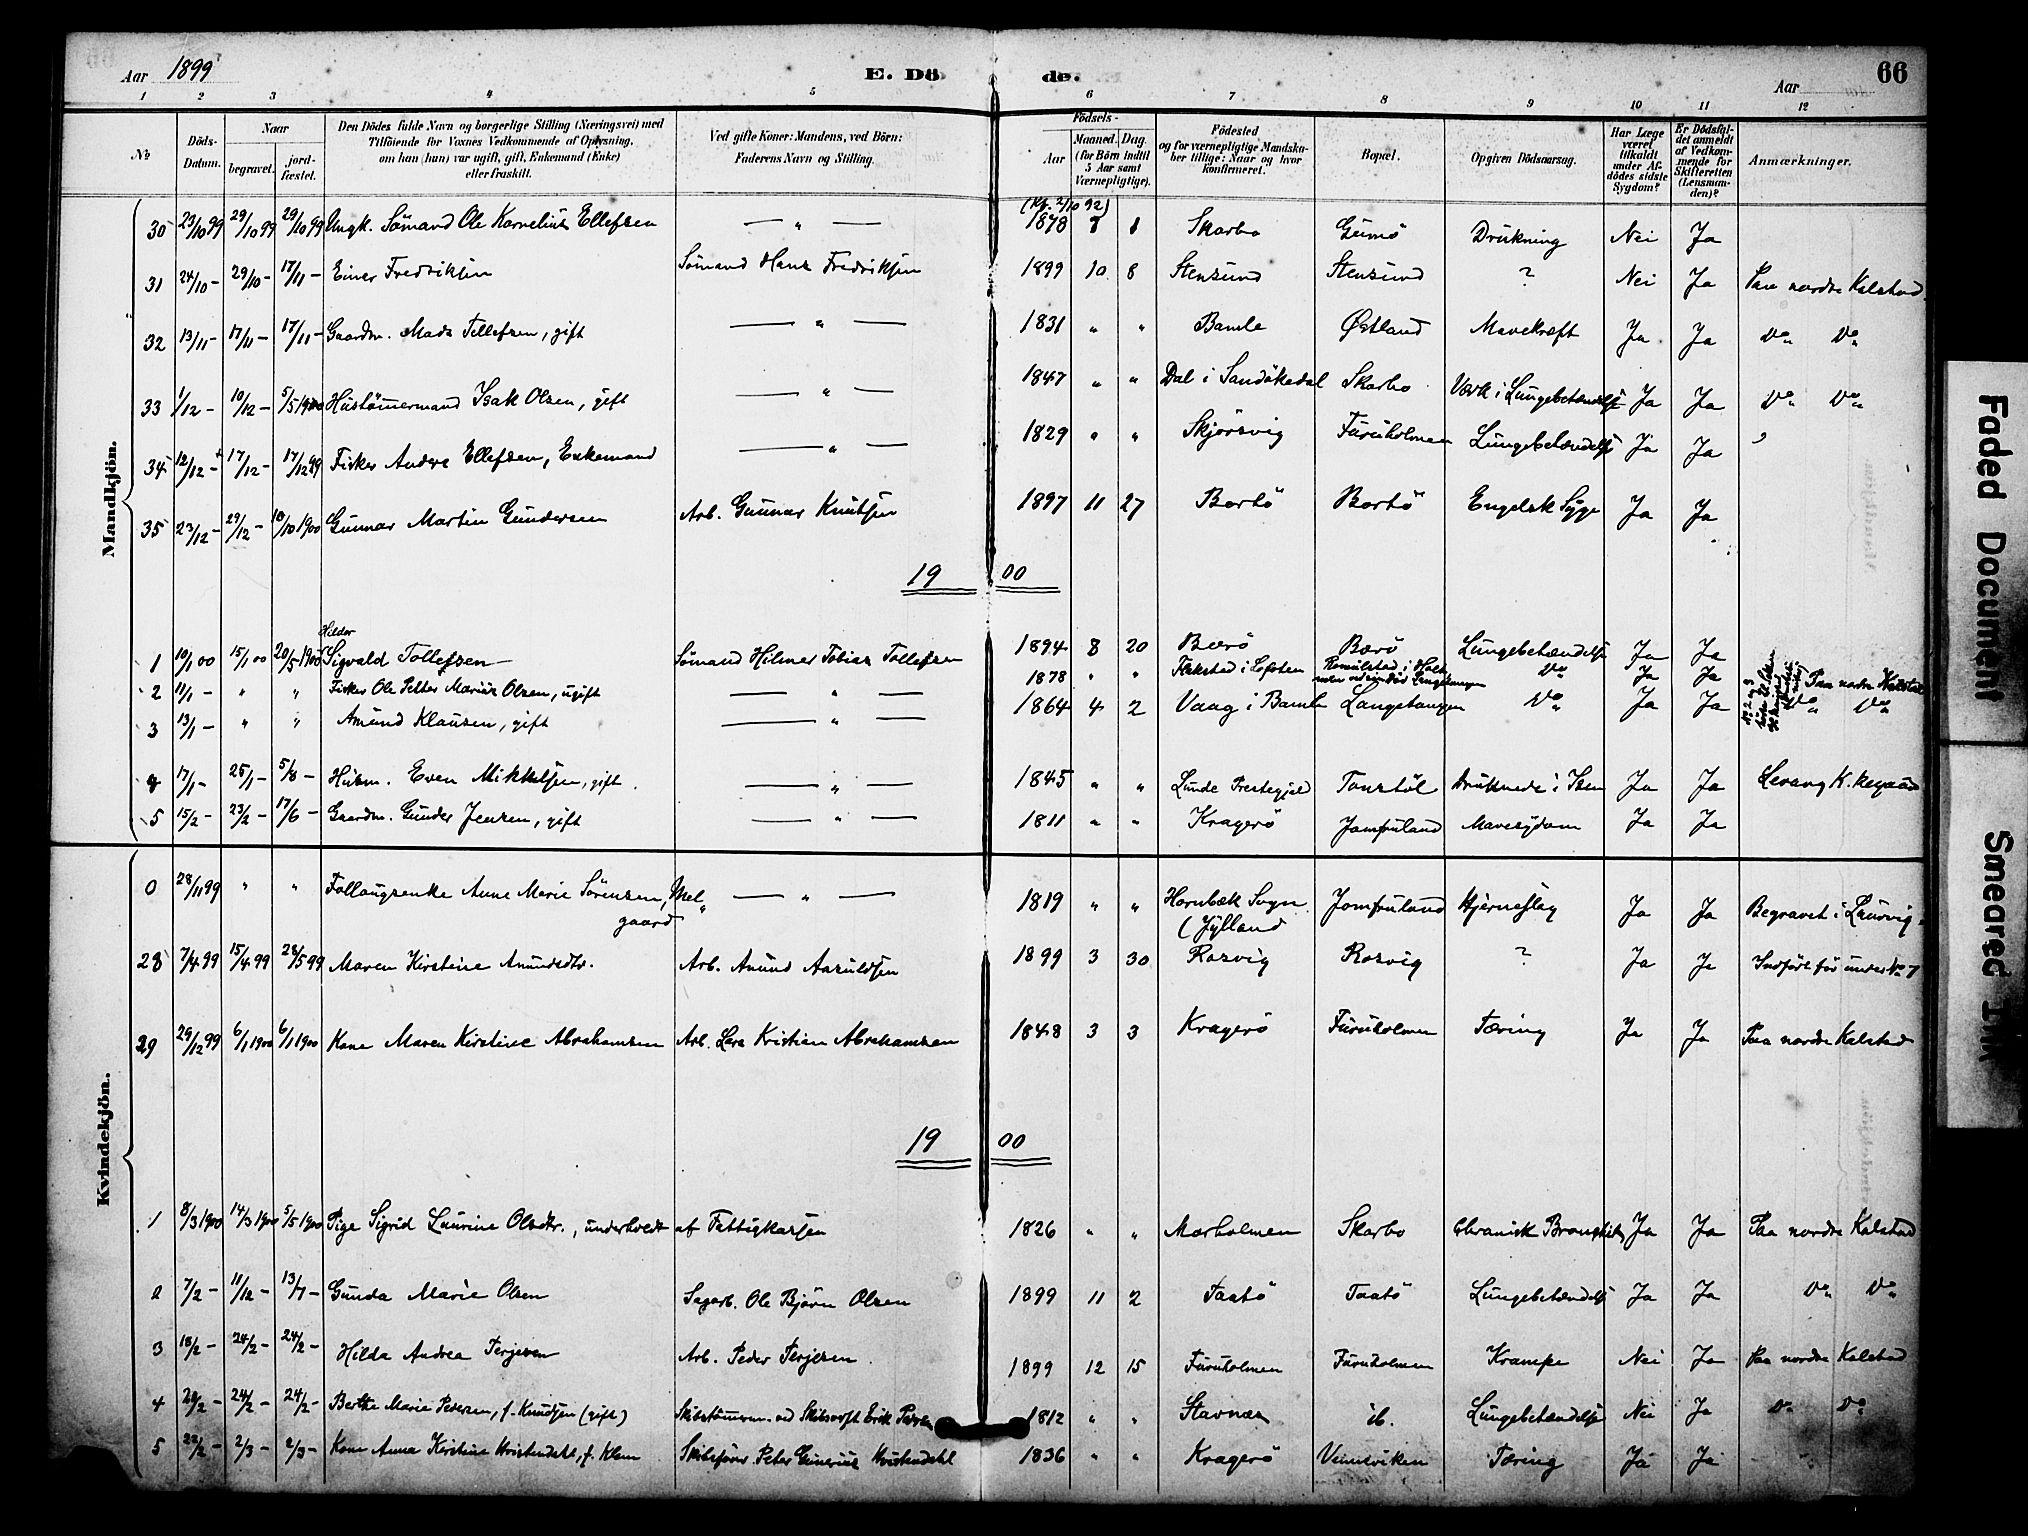 SAKO, Skåtøy kirkebøker, F/Fa/L0004: Ministerialbok nr. I 4, 1884-1900, s. 66